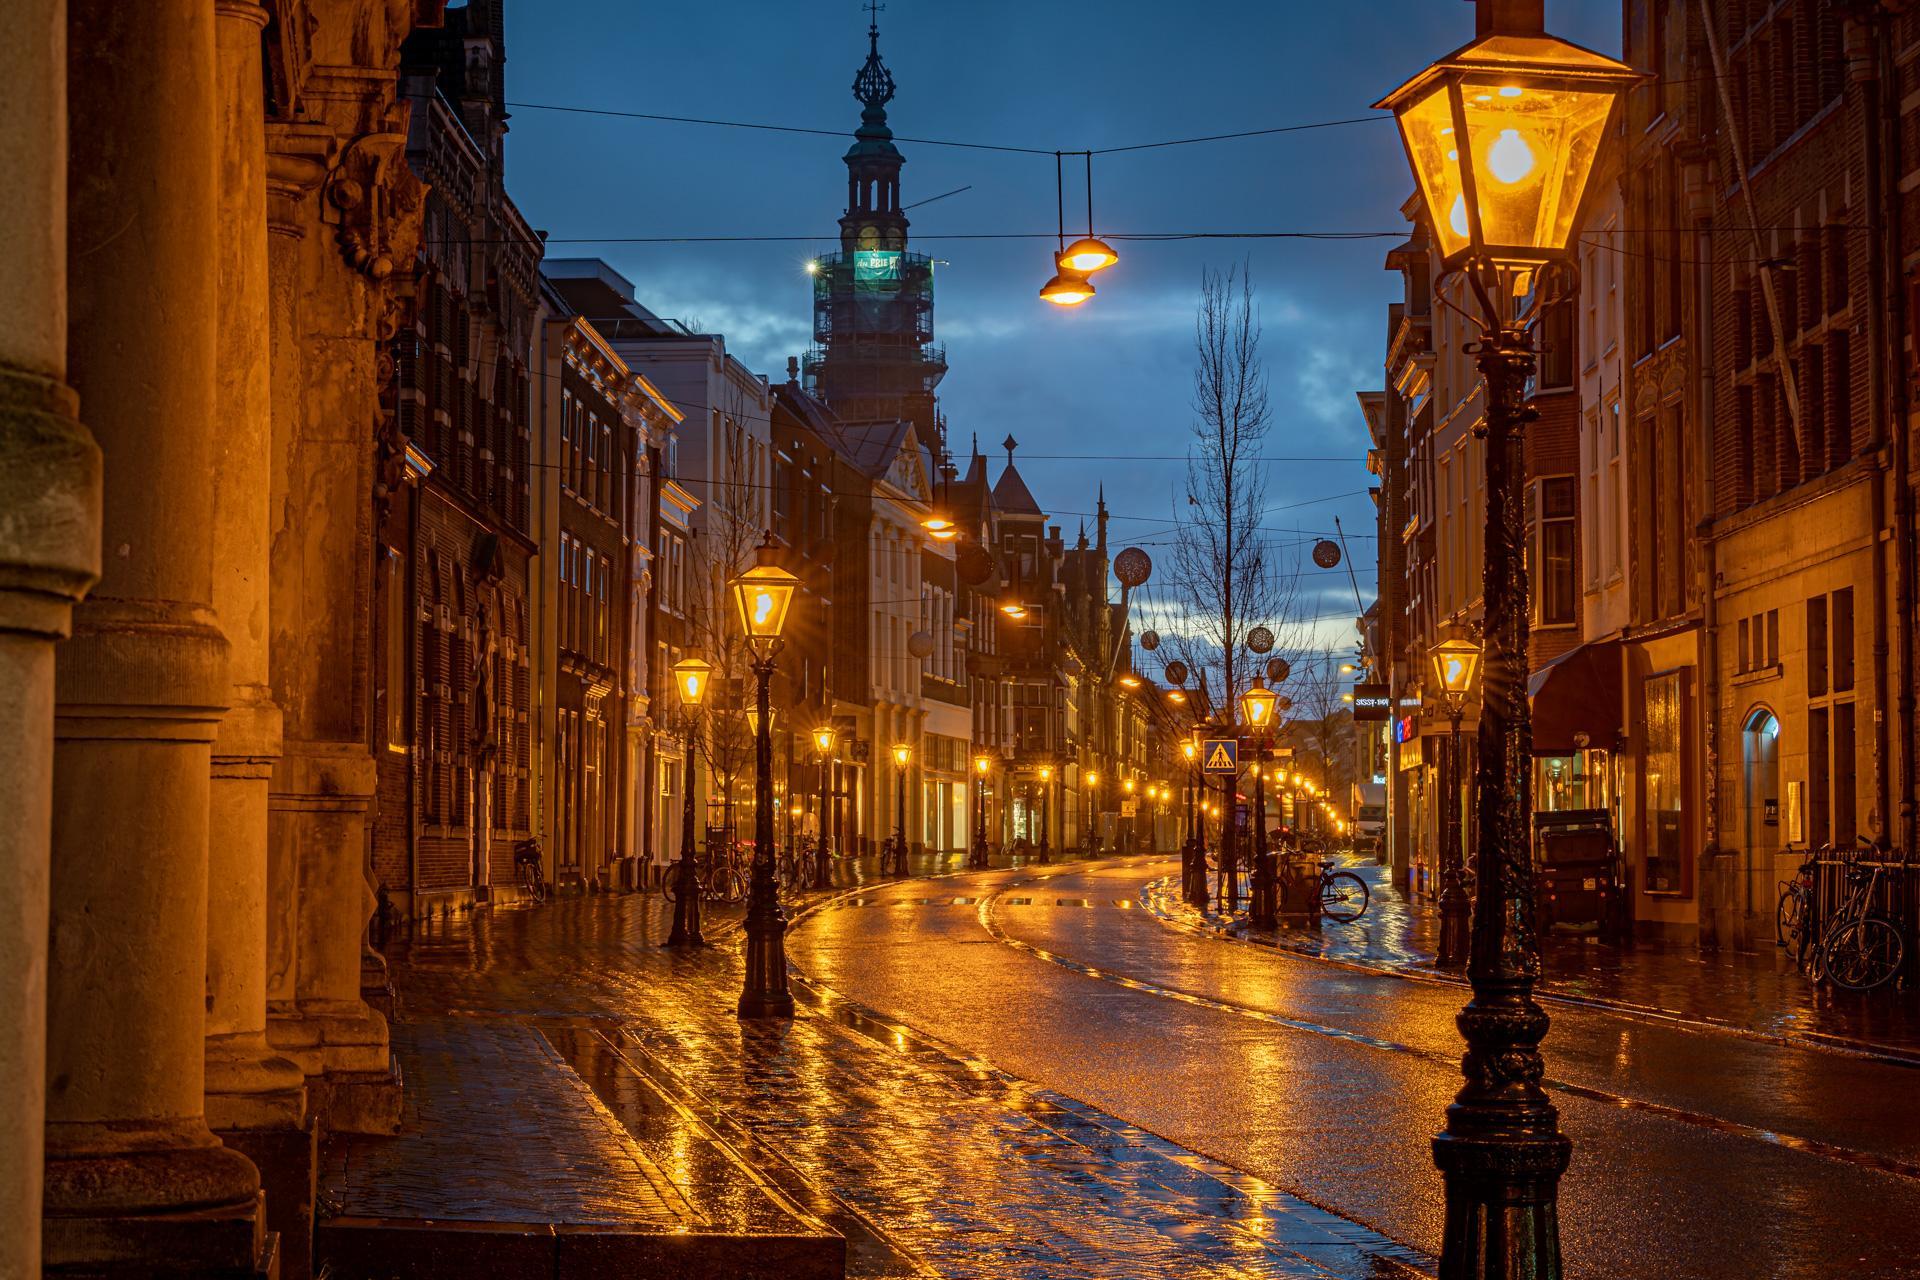 Stille straten in Leiden tijdens lockdown; Carla Matthee fotografeert stad in het blauwe uur